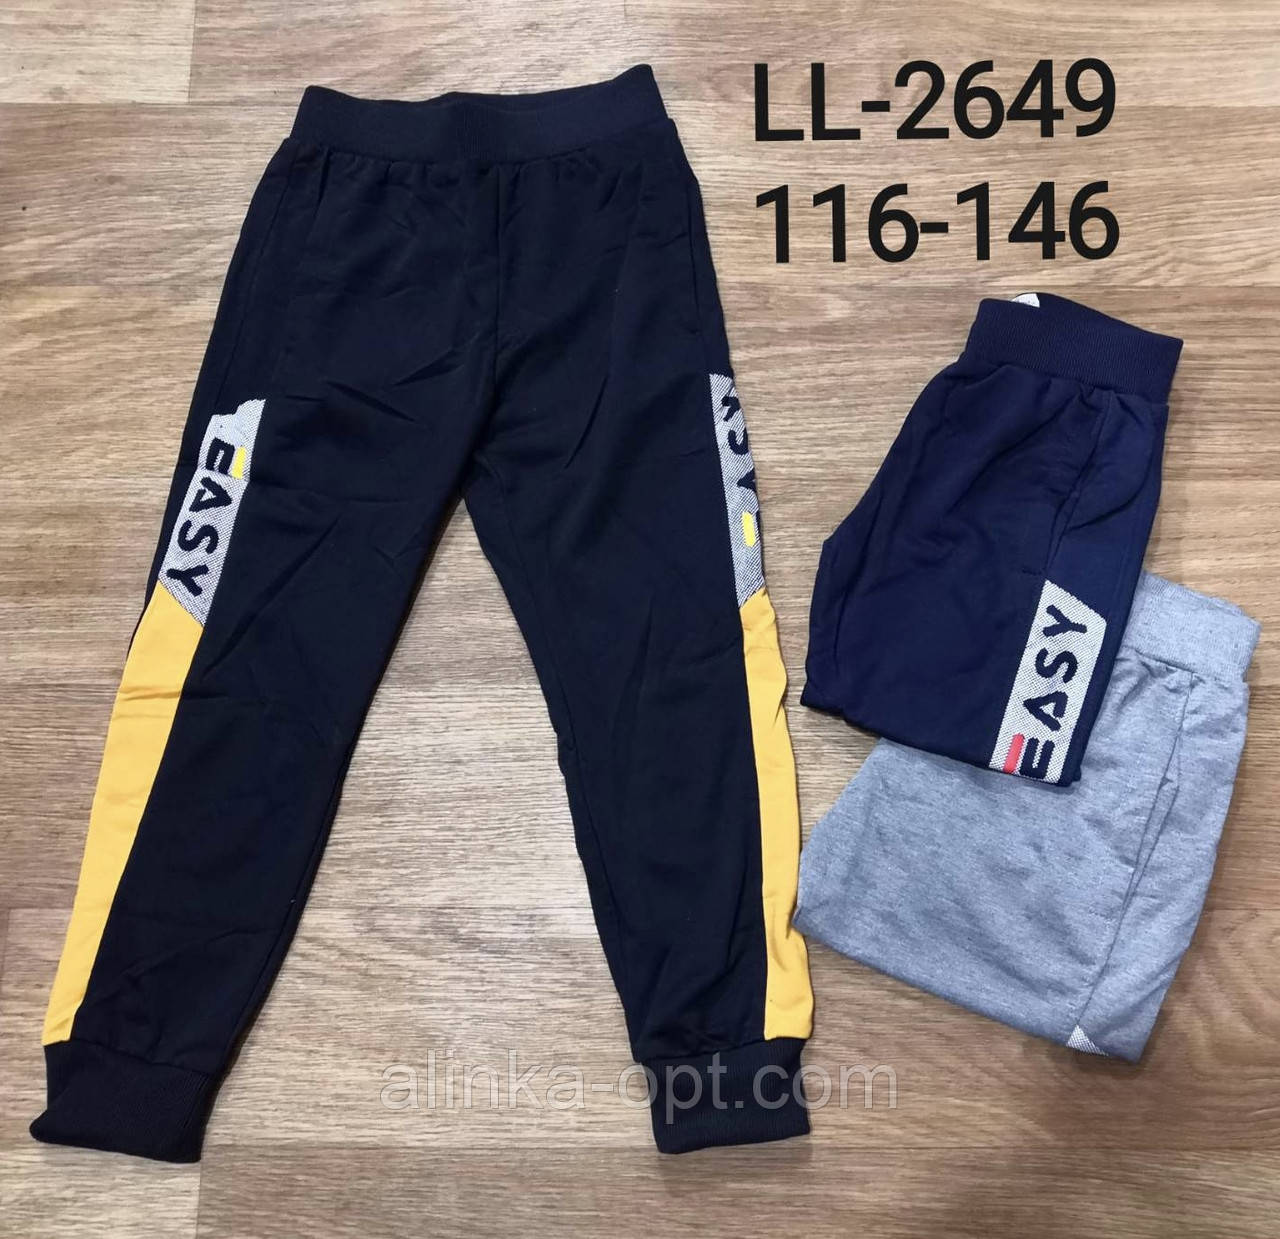 Спортивные брюки для мальчиков Sincere, 116-146 pp. Артикул: LL2649